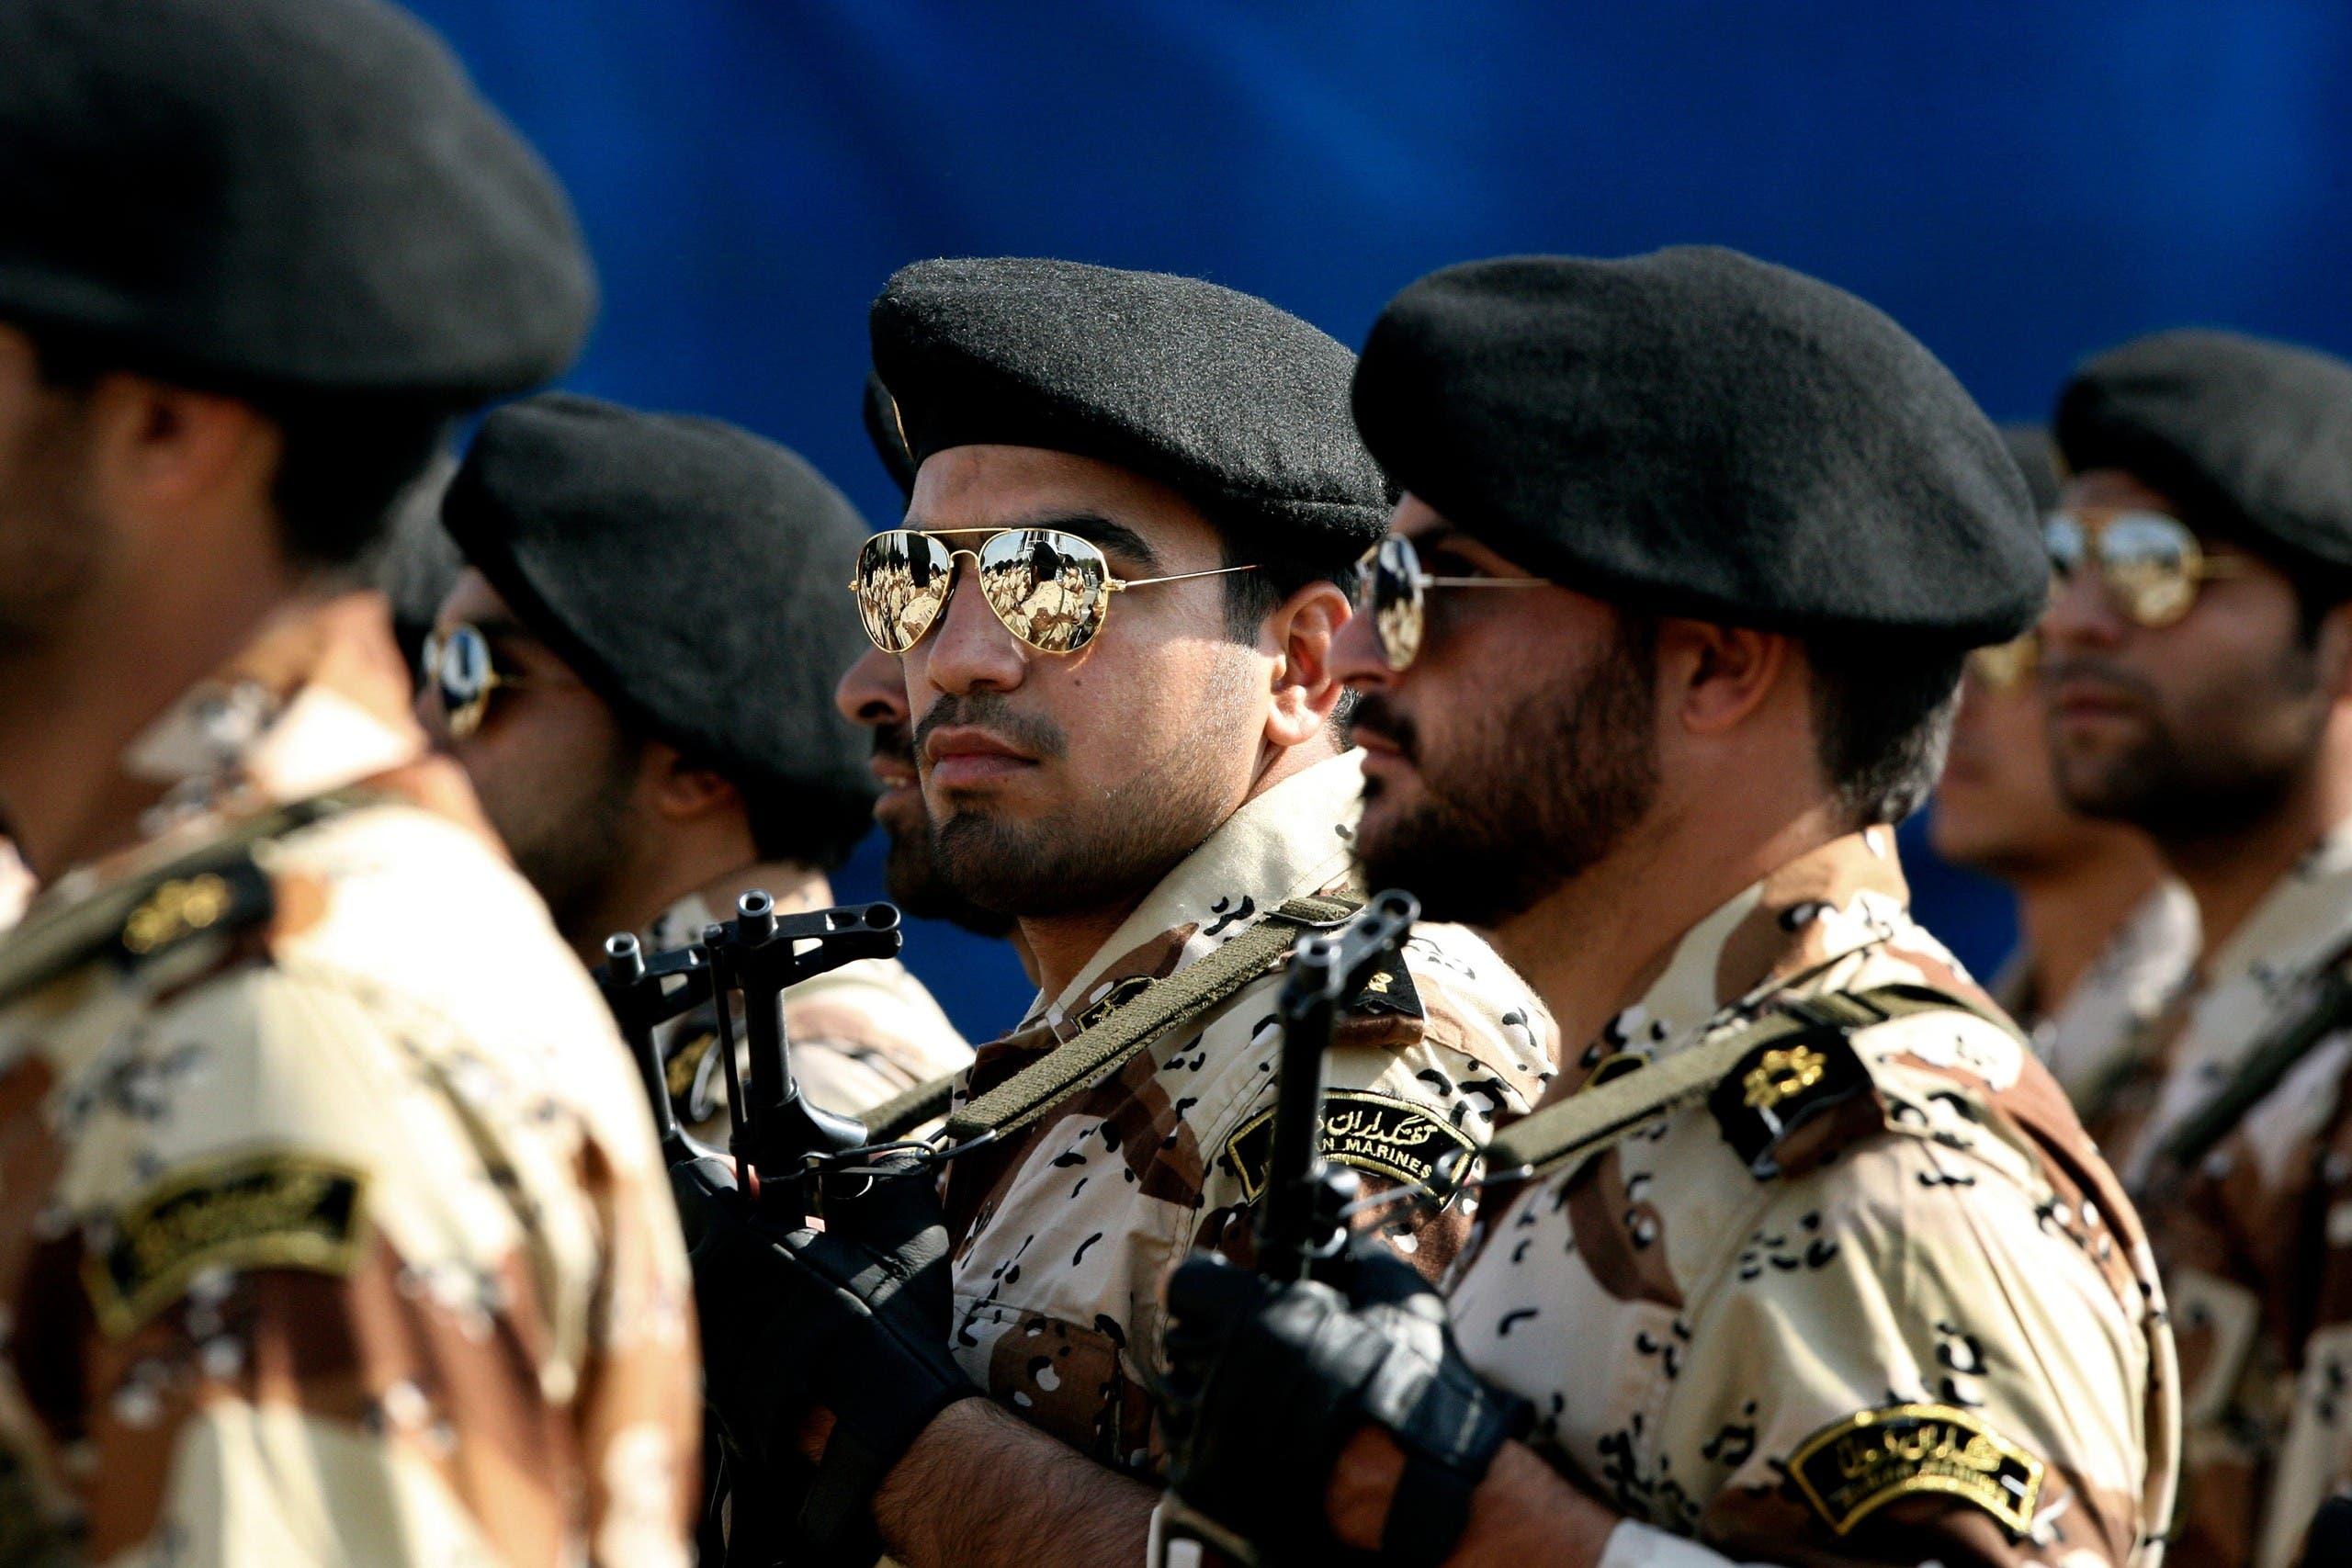 أفراد من الحرس الثوري الإيراني